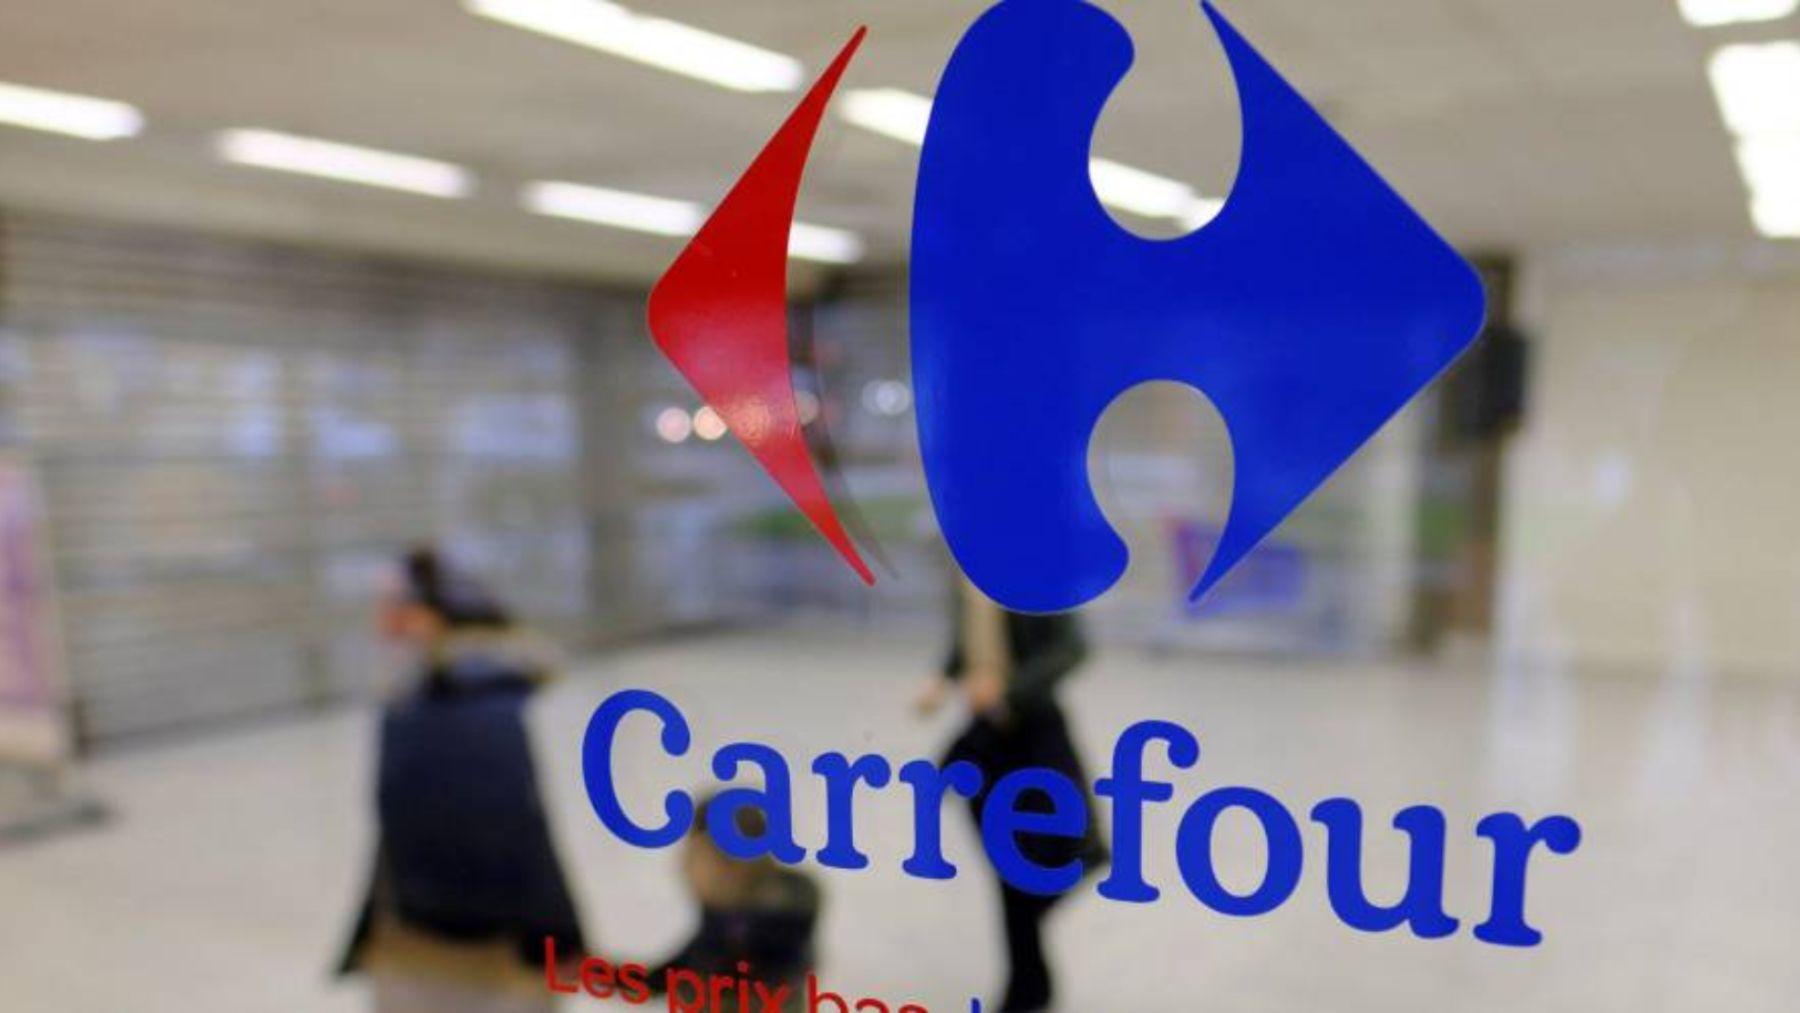 Carrefour: Ofertas y descuentos en Carrefour para el fin de semana del 2 al 4 de julio